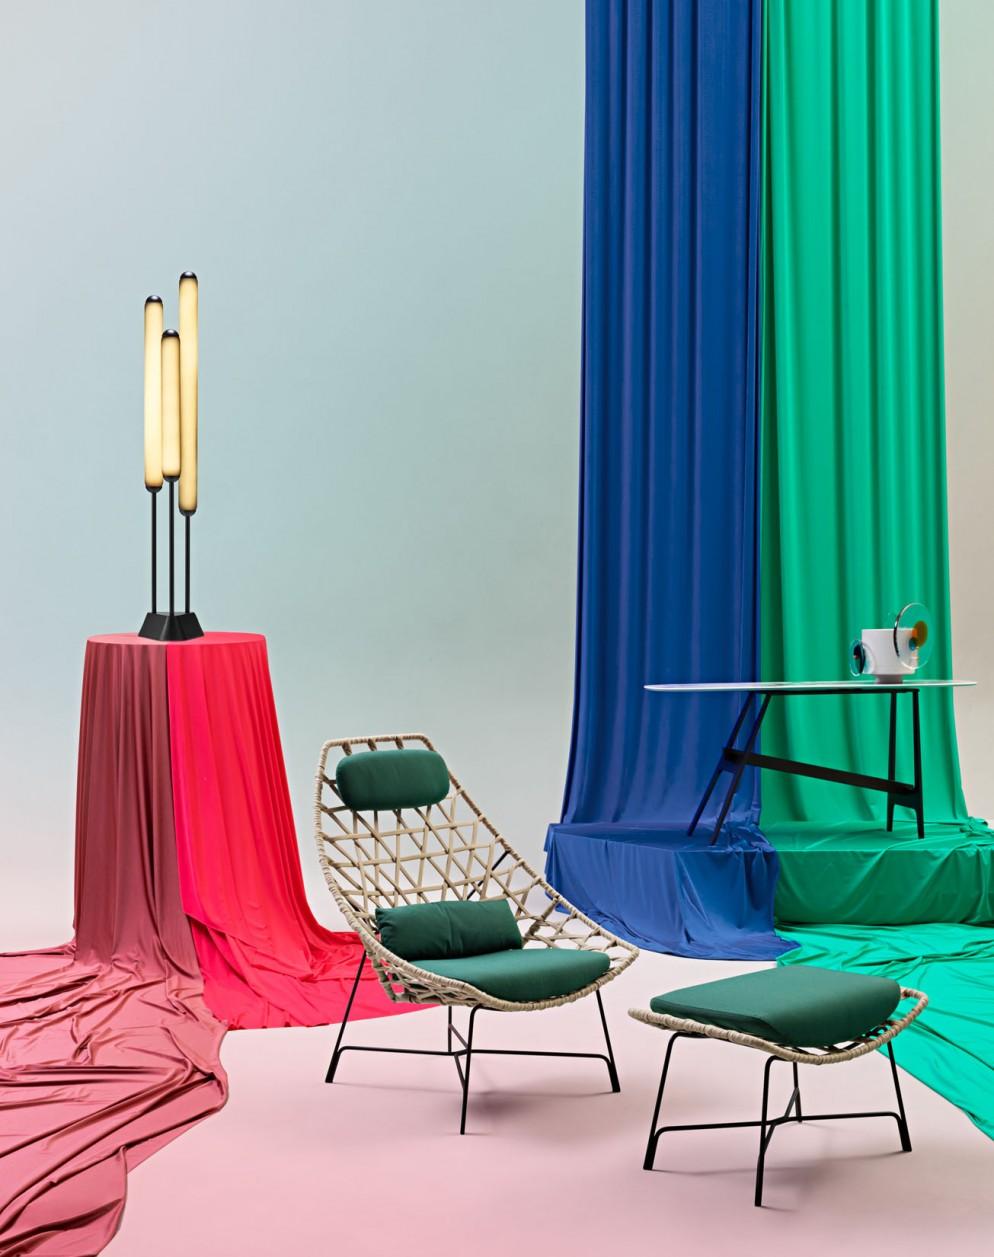 idee-per-arredare-salotto-divani-lampade-sedie-poltroncine-tavoli-01